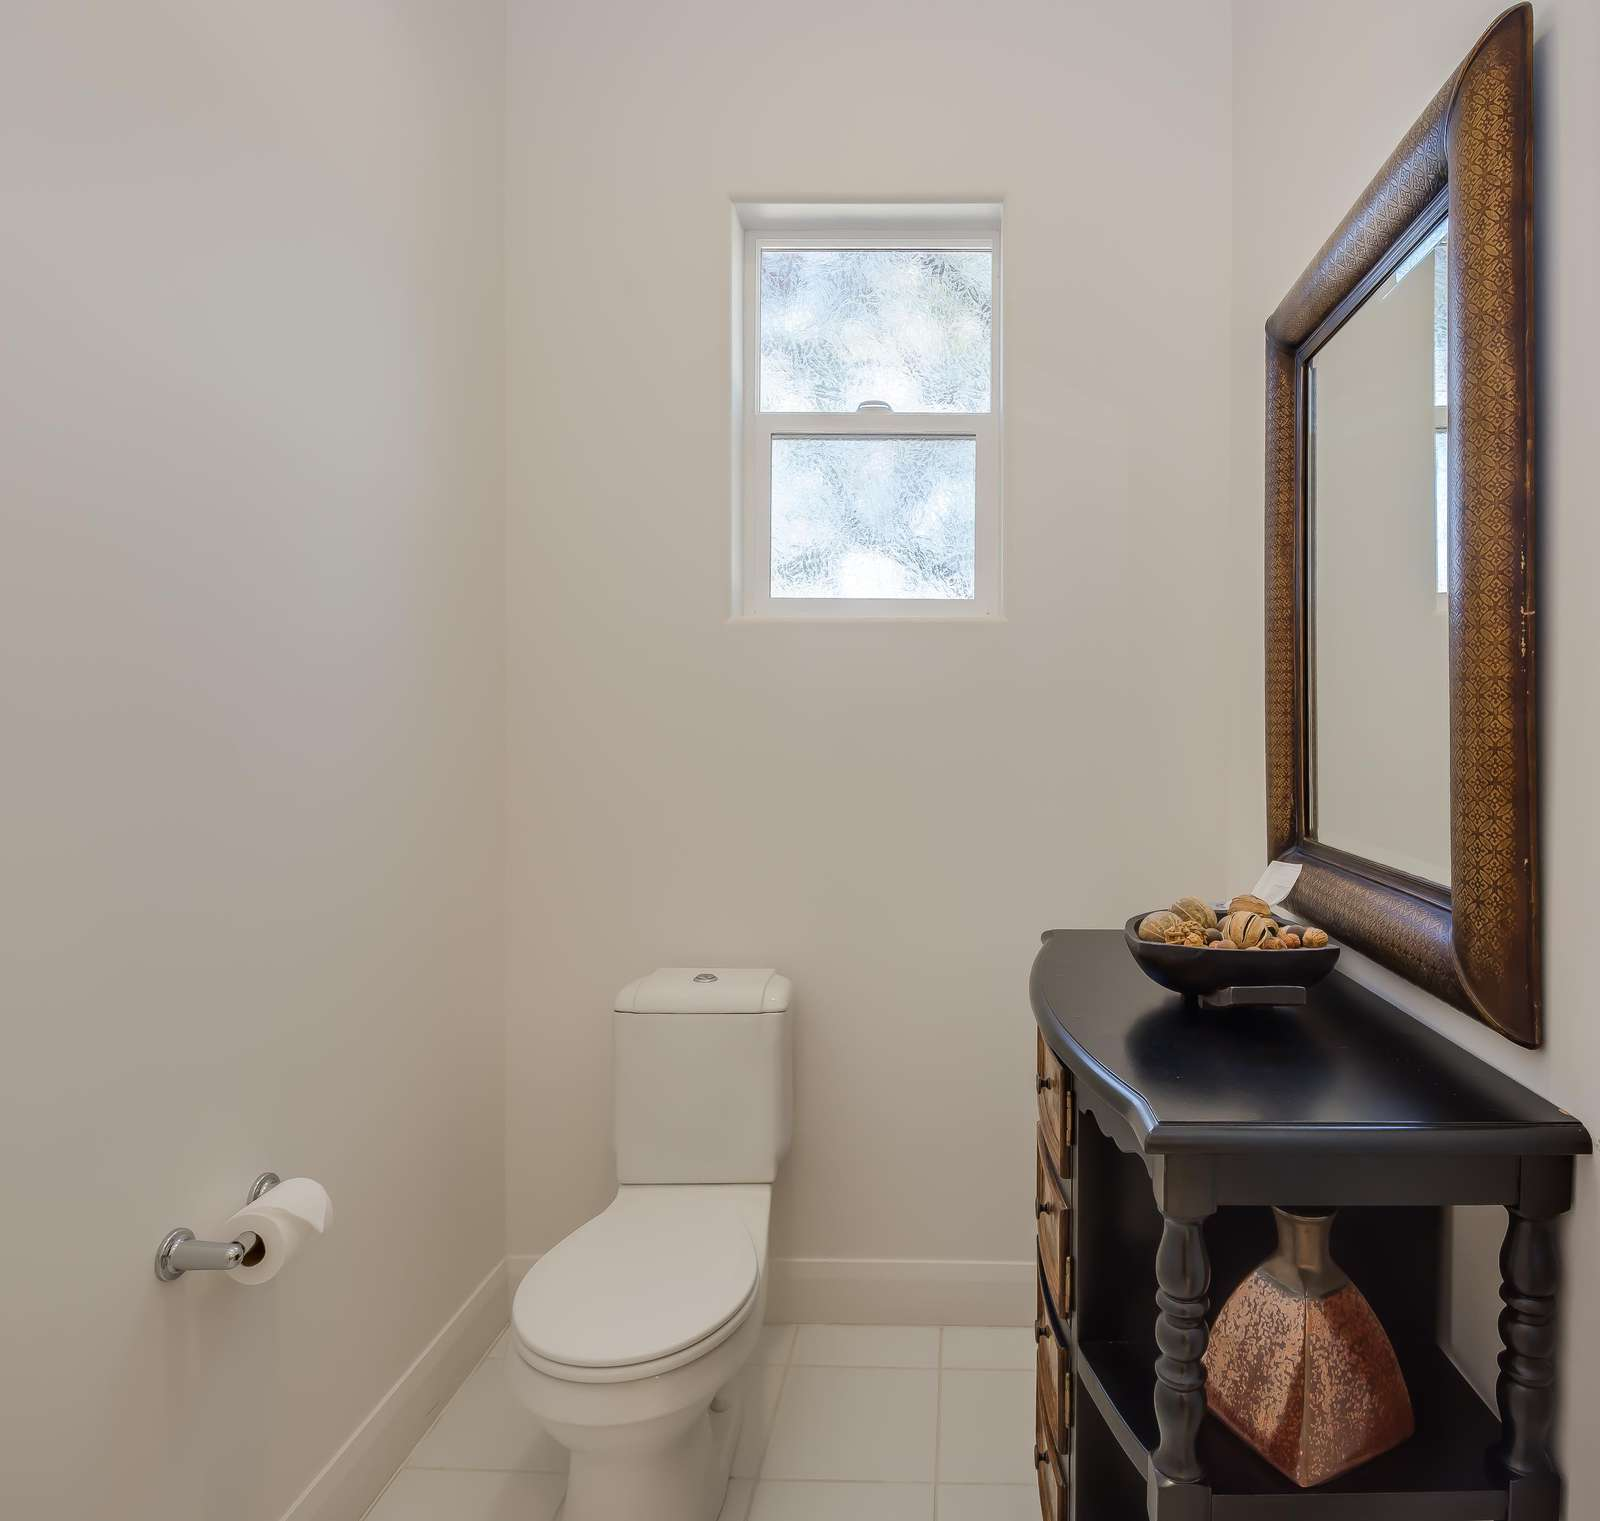 Suite 2 - toilet closet